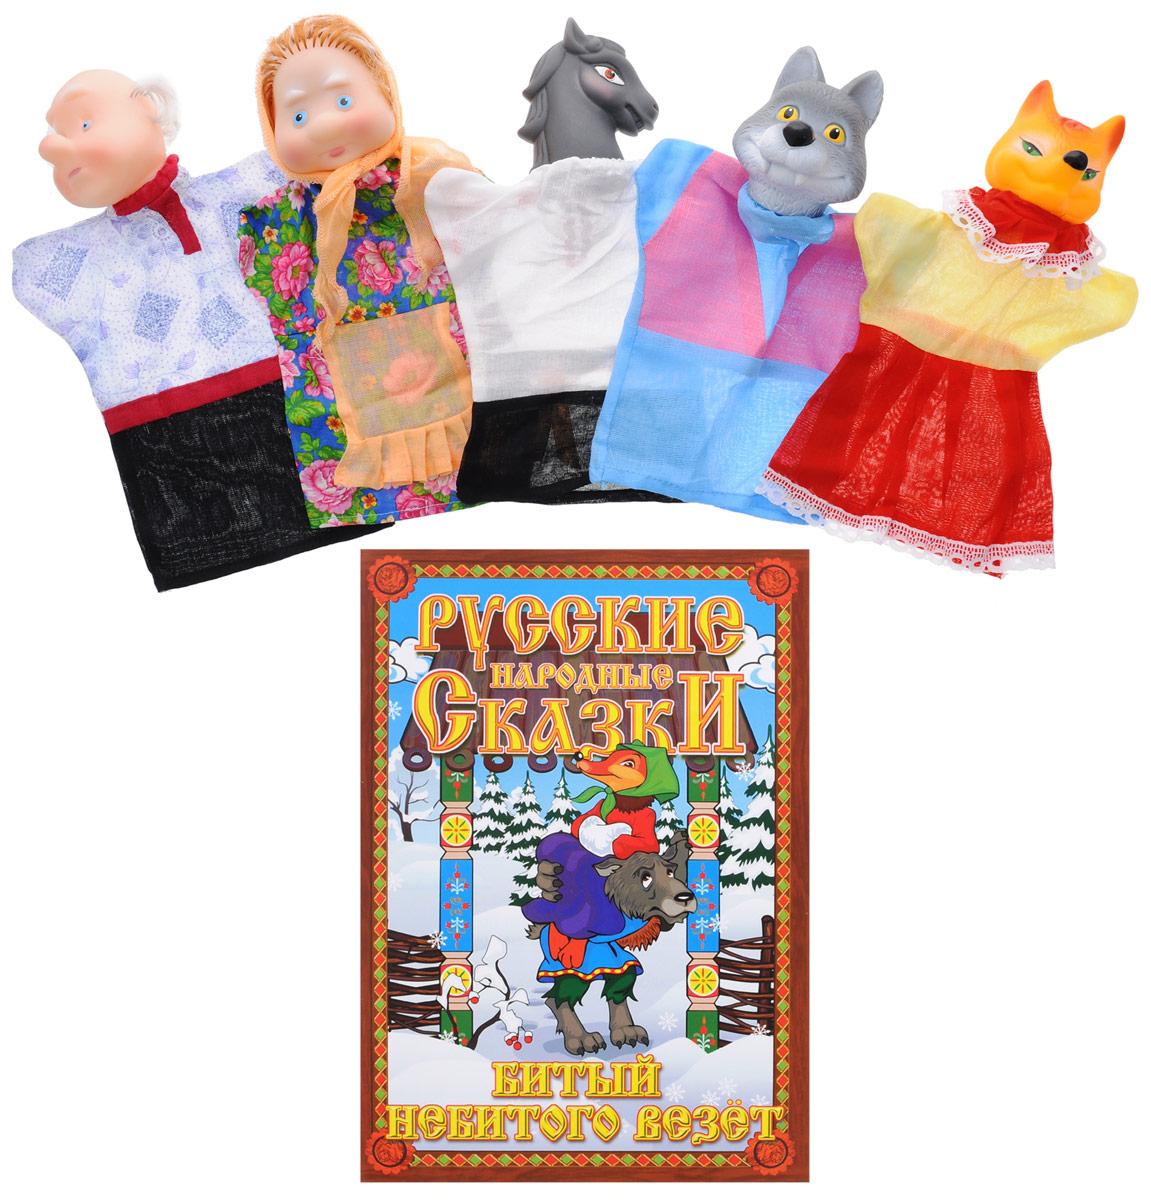 Русский стиль Кукольный театр Битый небитого везет4602933112056Кукольные театры рекомендованы для детей 3-7 лет, в наборе Битый небитого везет комплект из 5 кукол- перчаток: дед, бабка, лиса, волк, лошадь, соответствующий по количеству задействованным персонажам и авторский сценарий с рекомендациями. Вместе с озорными и добрыми жителями сказочного мира, малыш научится находить друзей, побеждать зло, он станет общительней и дружелюбней. Если вы хотите, чтобы в вашем доме надолго поселился праздник, а друзья и знакомые по достоинству оценили ваши таланты, все, что нужно - это устроить домашний кукольный театр! Постановка домашнего спектакля - всегда незабываемое событие и для актеров и для зрителей. А для малышей, к тому же - важный шаг на пути к творческому самовыражению. В отличие от театра с живыми актерами, кукольный театр не занимает много места, не требует громоздких декораций и дает неограниченные возможности в выборе ролей. Если в обычном театре распределение ролей во многом зависит от внешних данных...